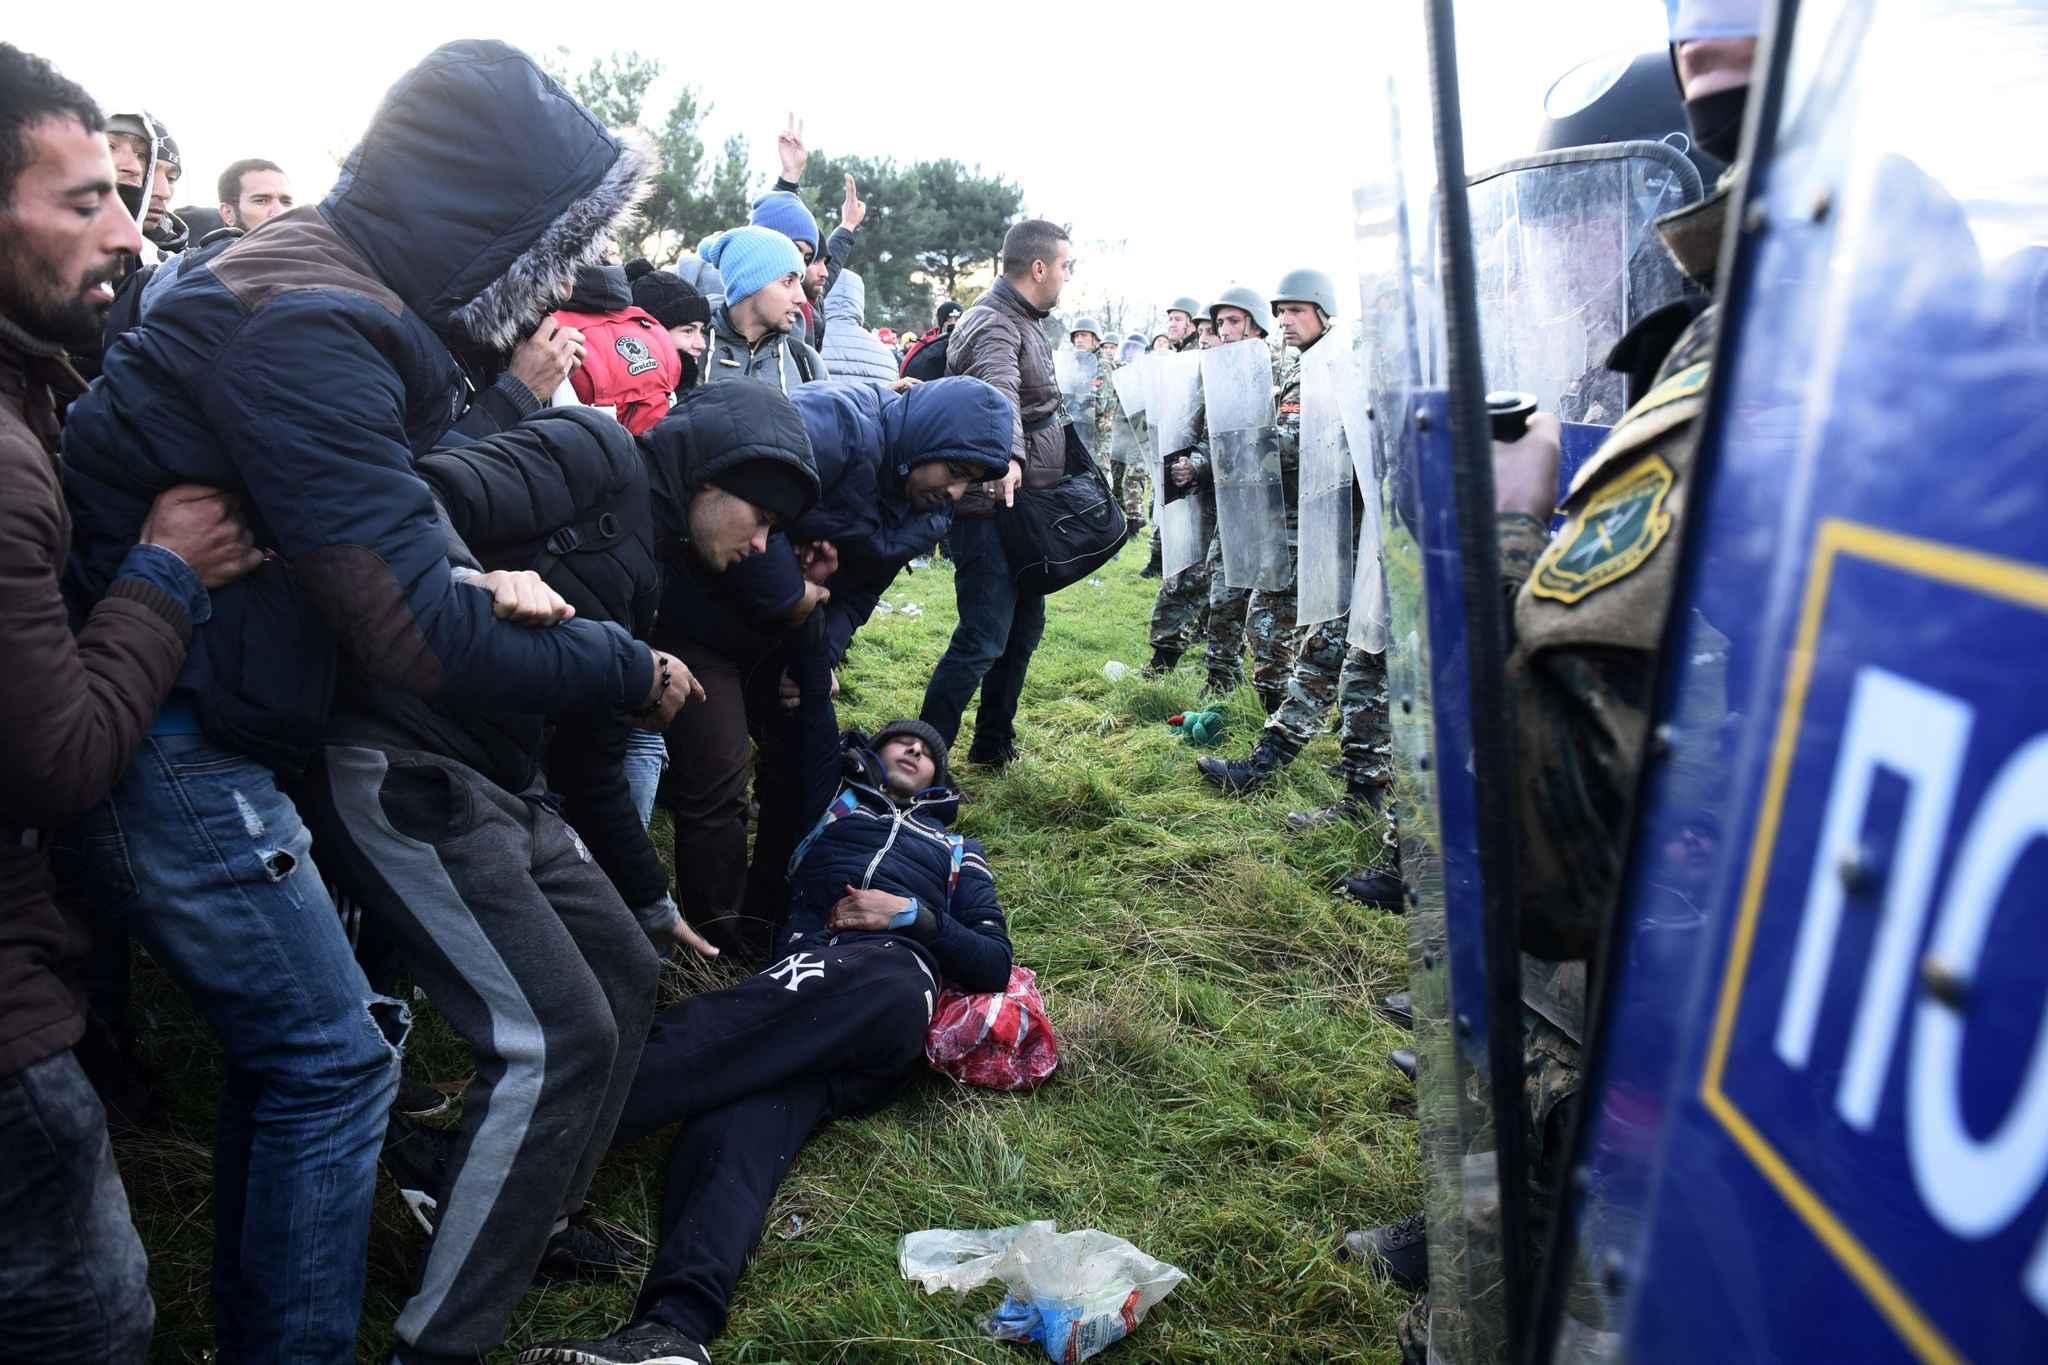 En Grèce, vaste opération policière pour évacuer les migrants de la frontière avec la Macédoine